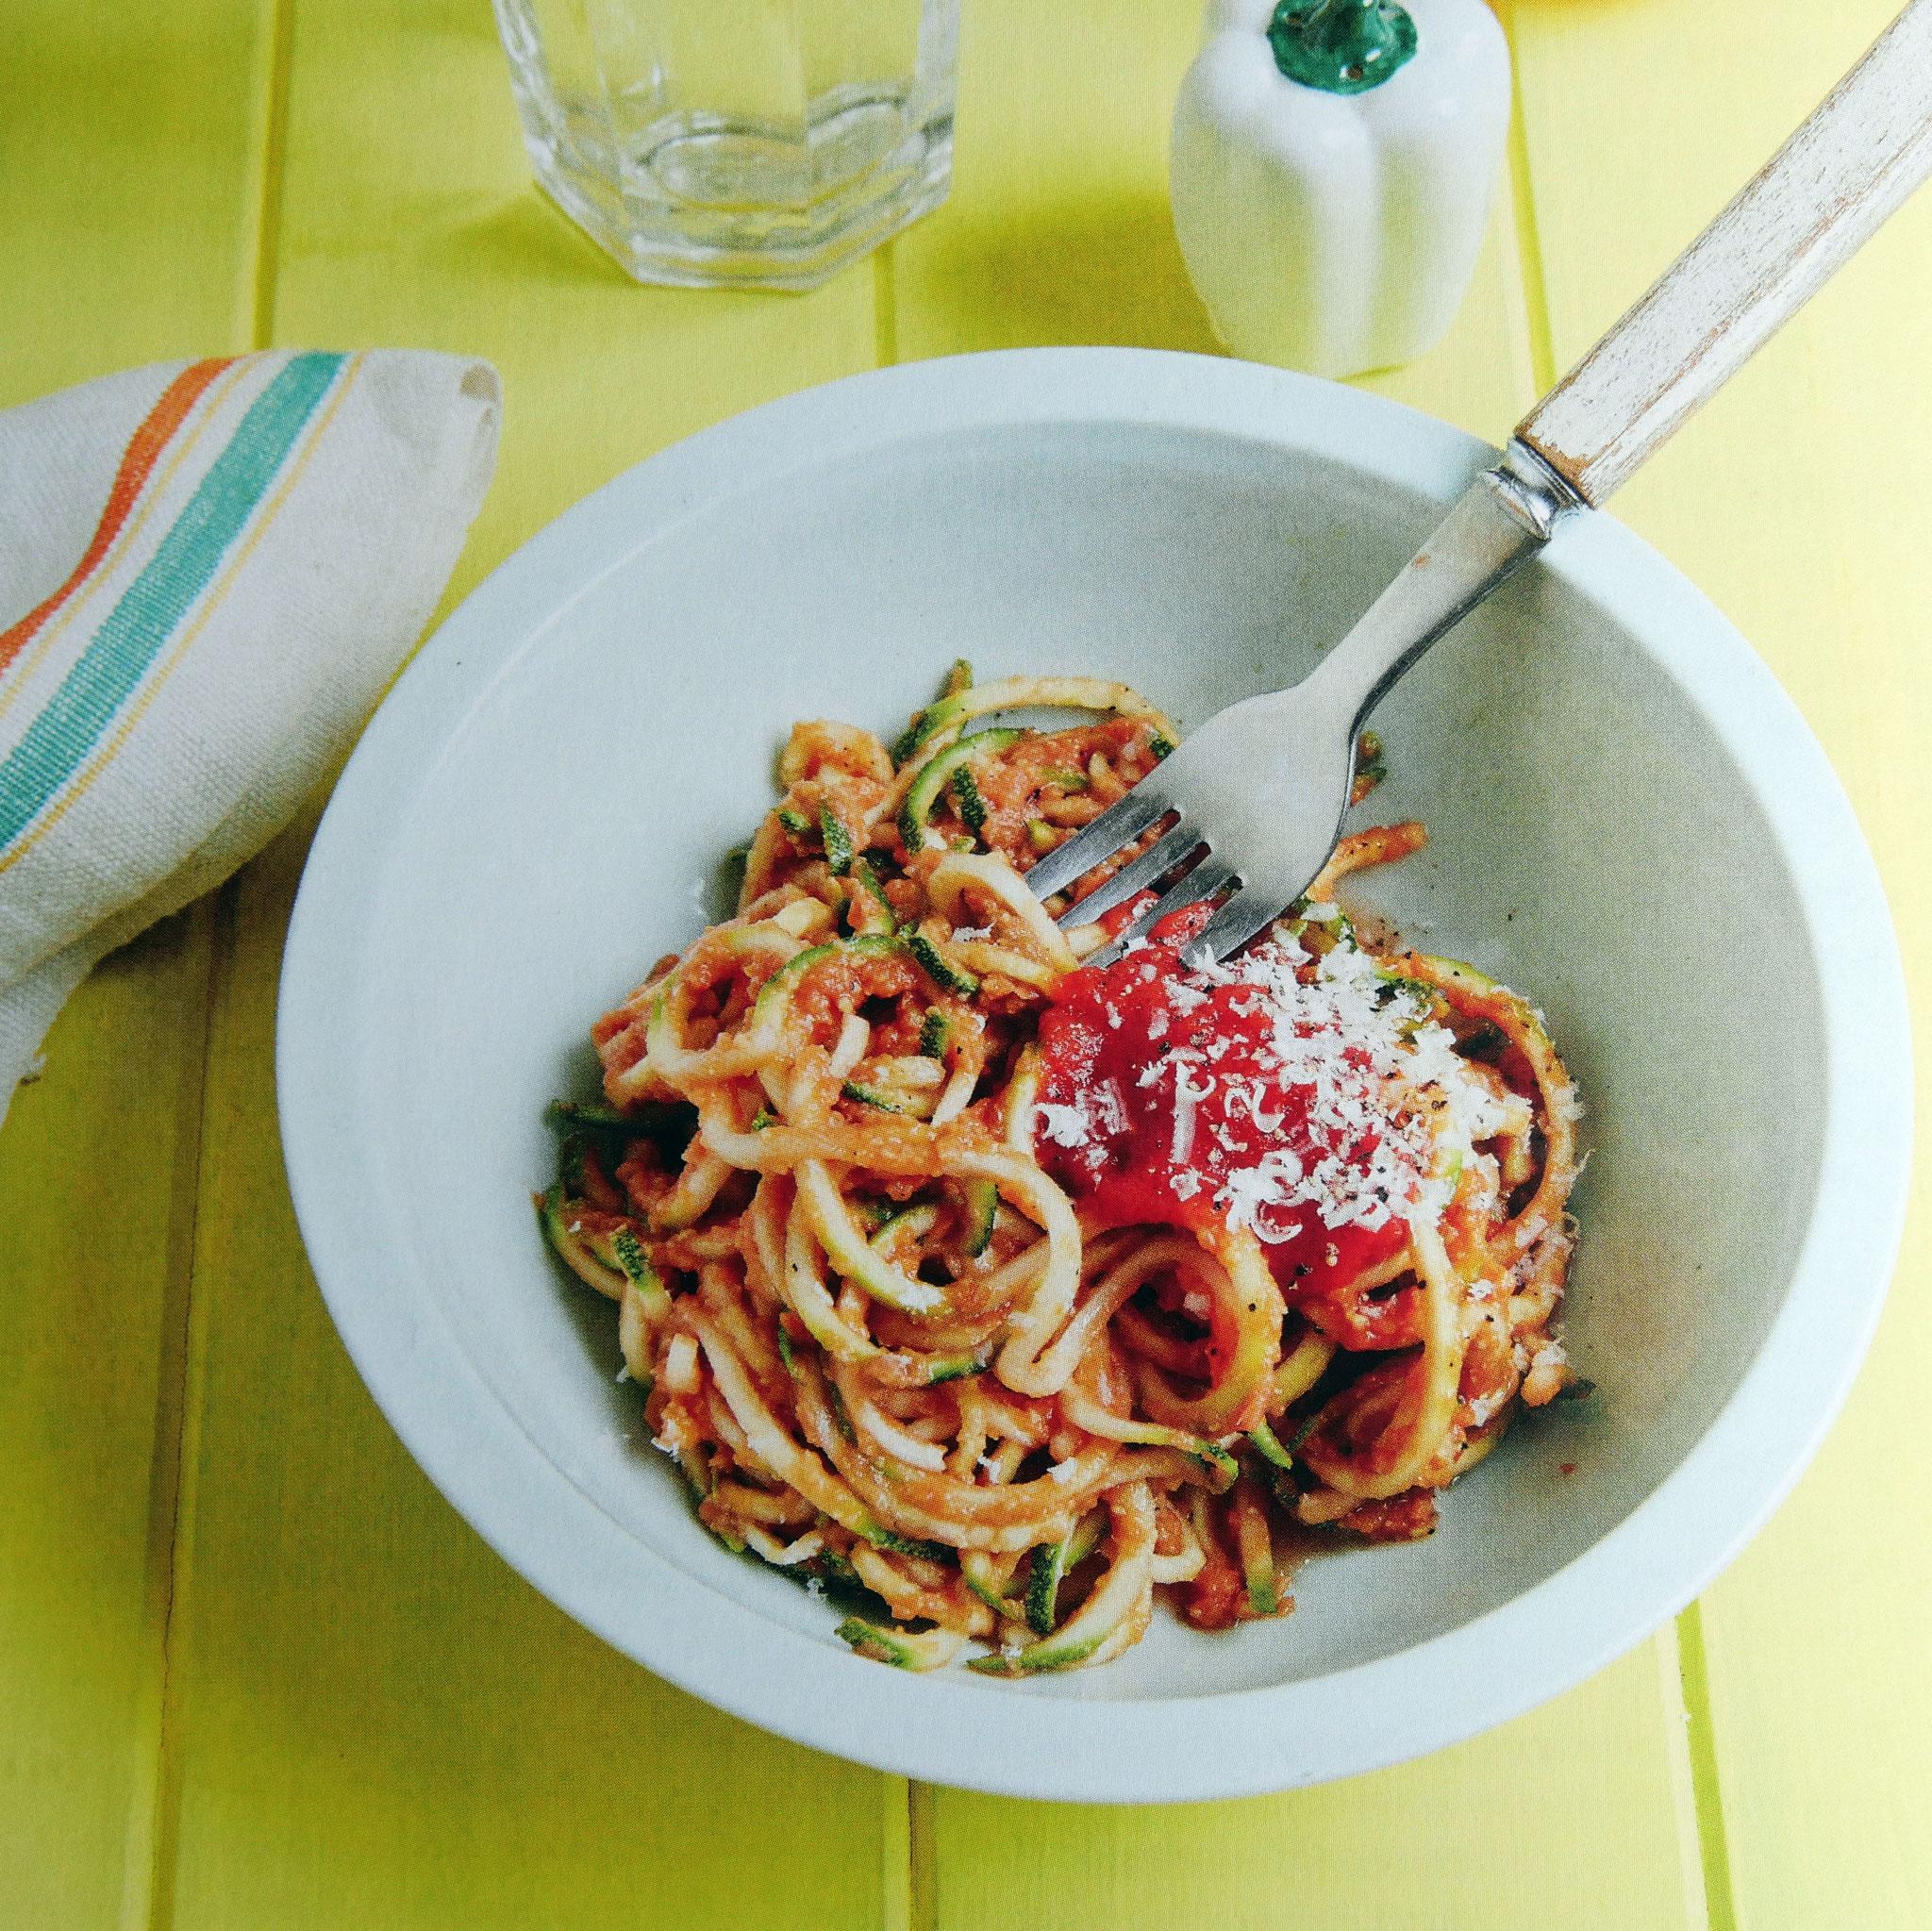 Zucchininudeln mit Kicherebsen-Tomaten-Soße